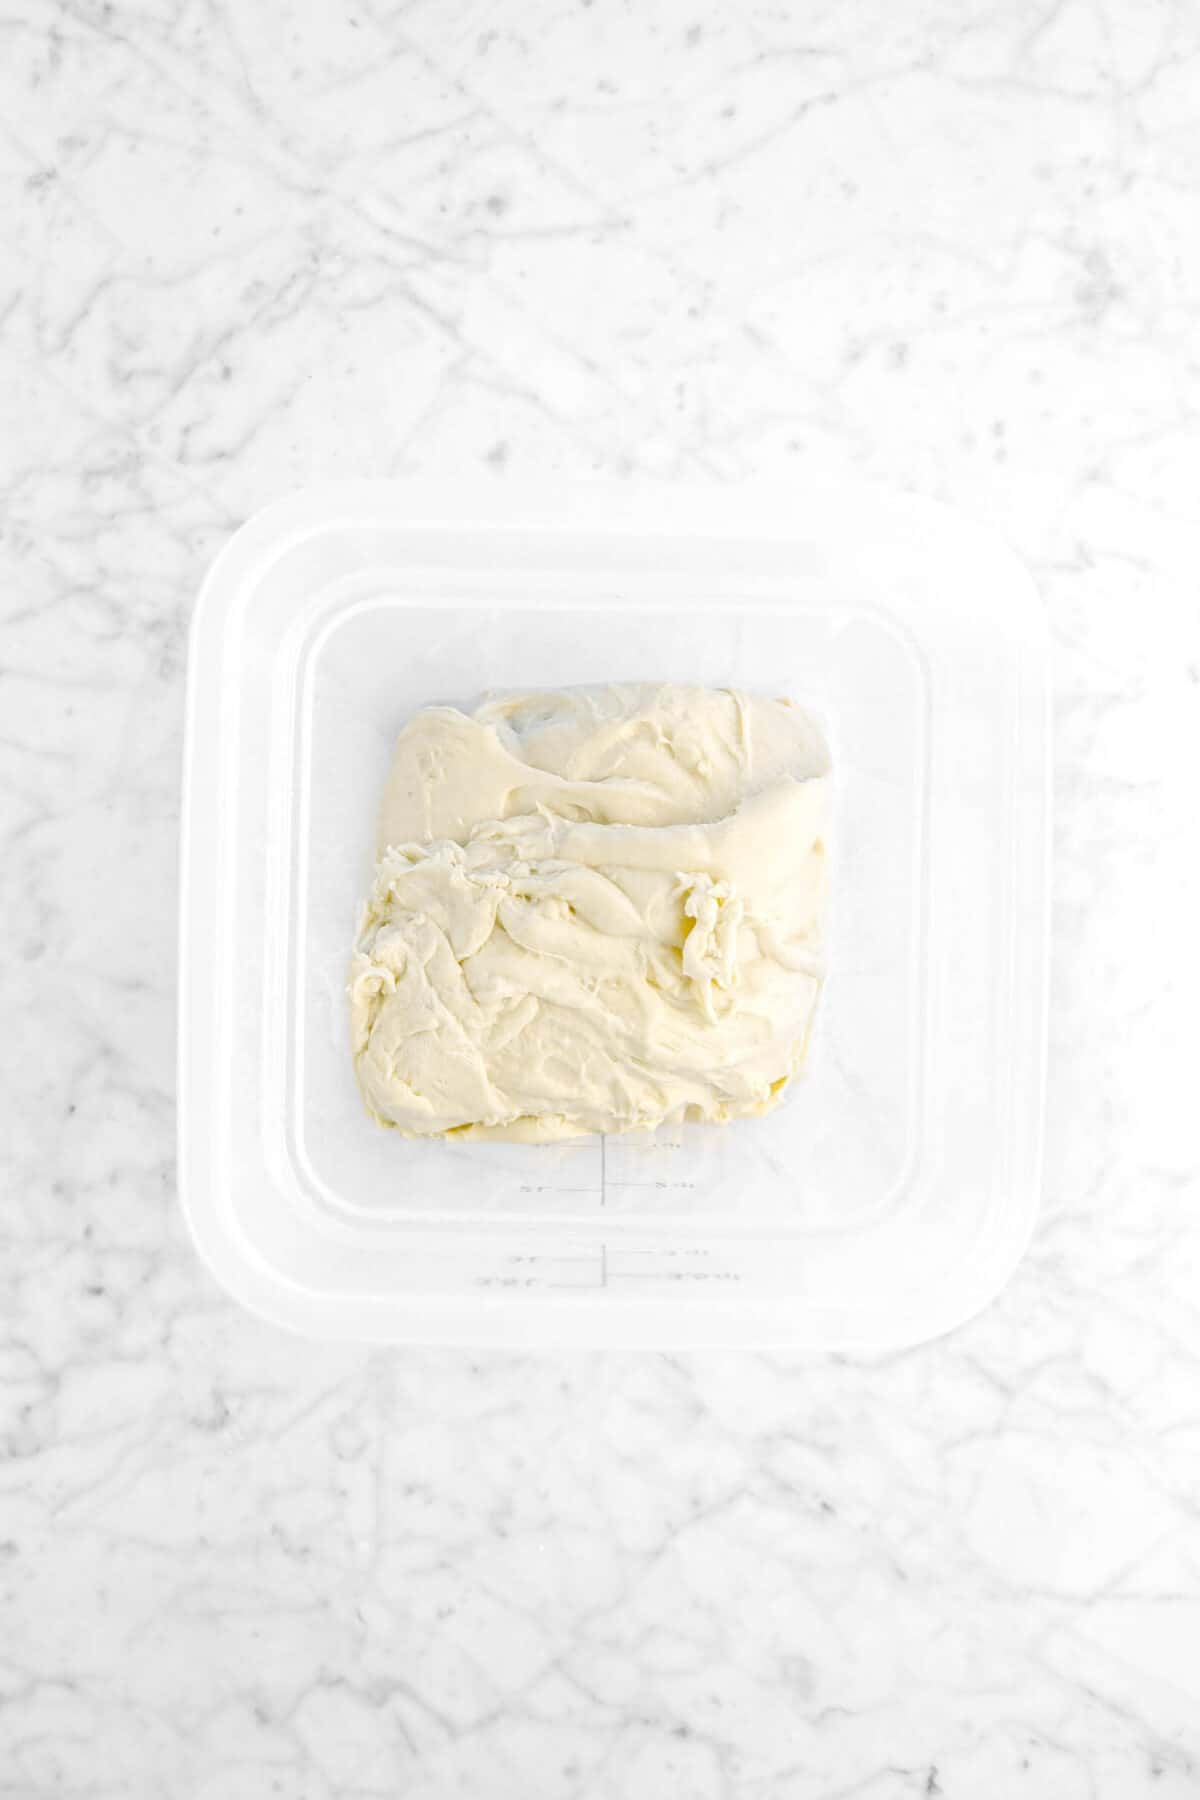 dough in plastic container